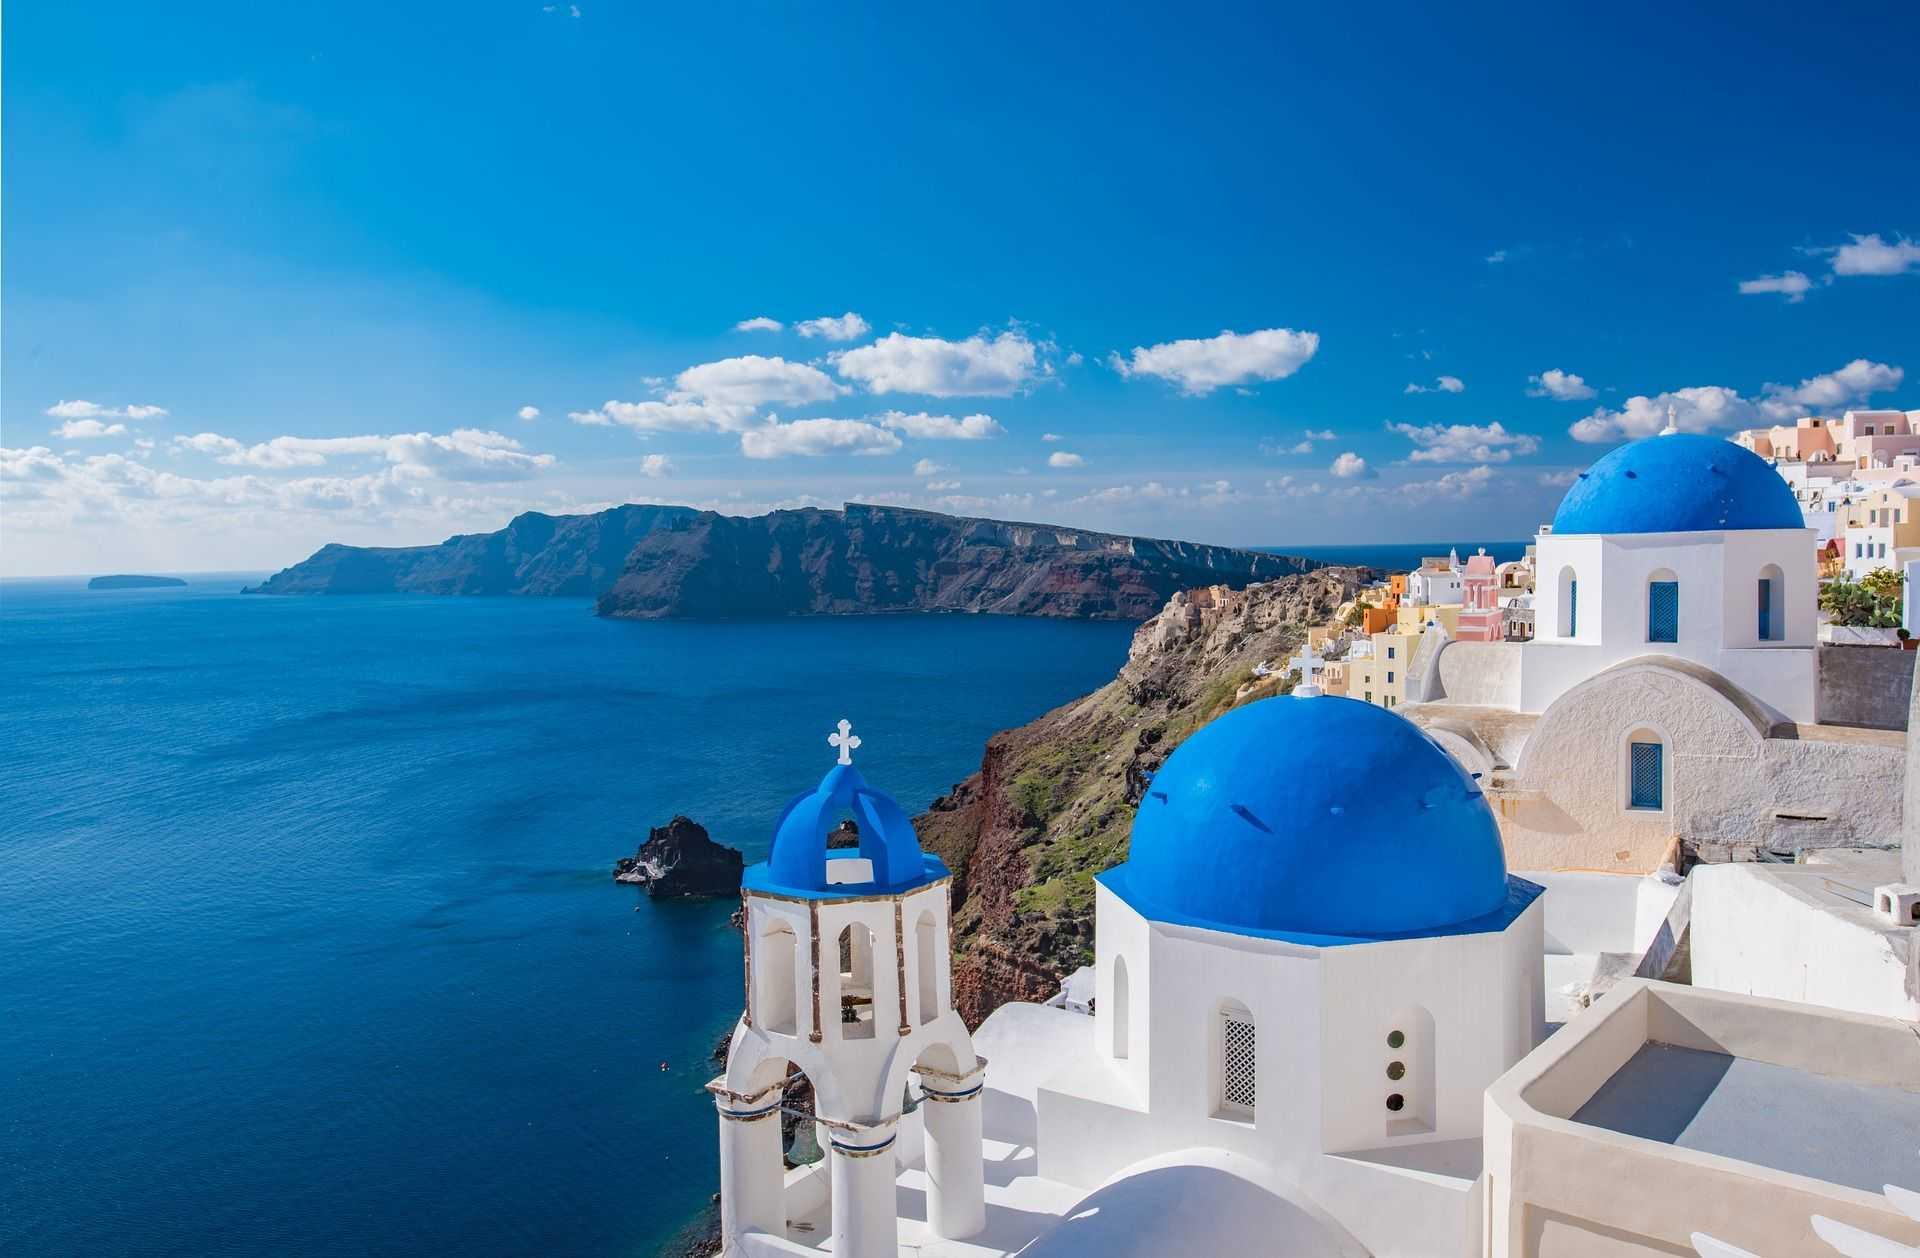 Eglise de l'île de Santorin dans les Cyclades